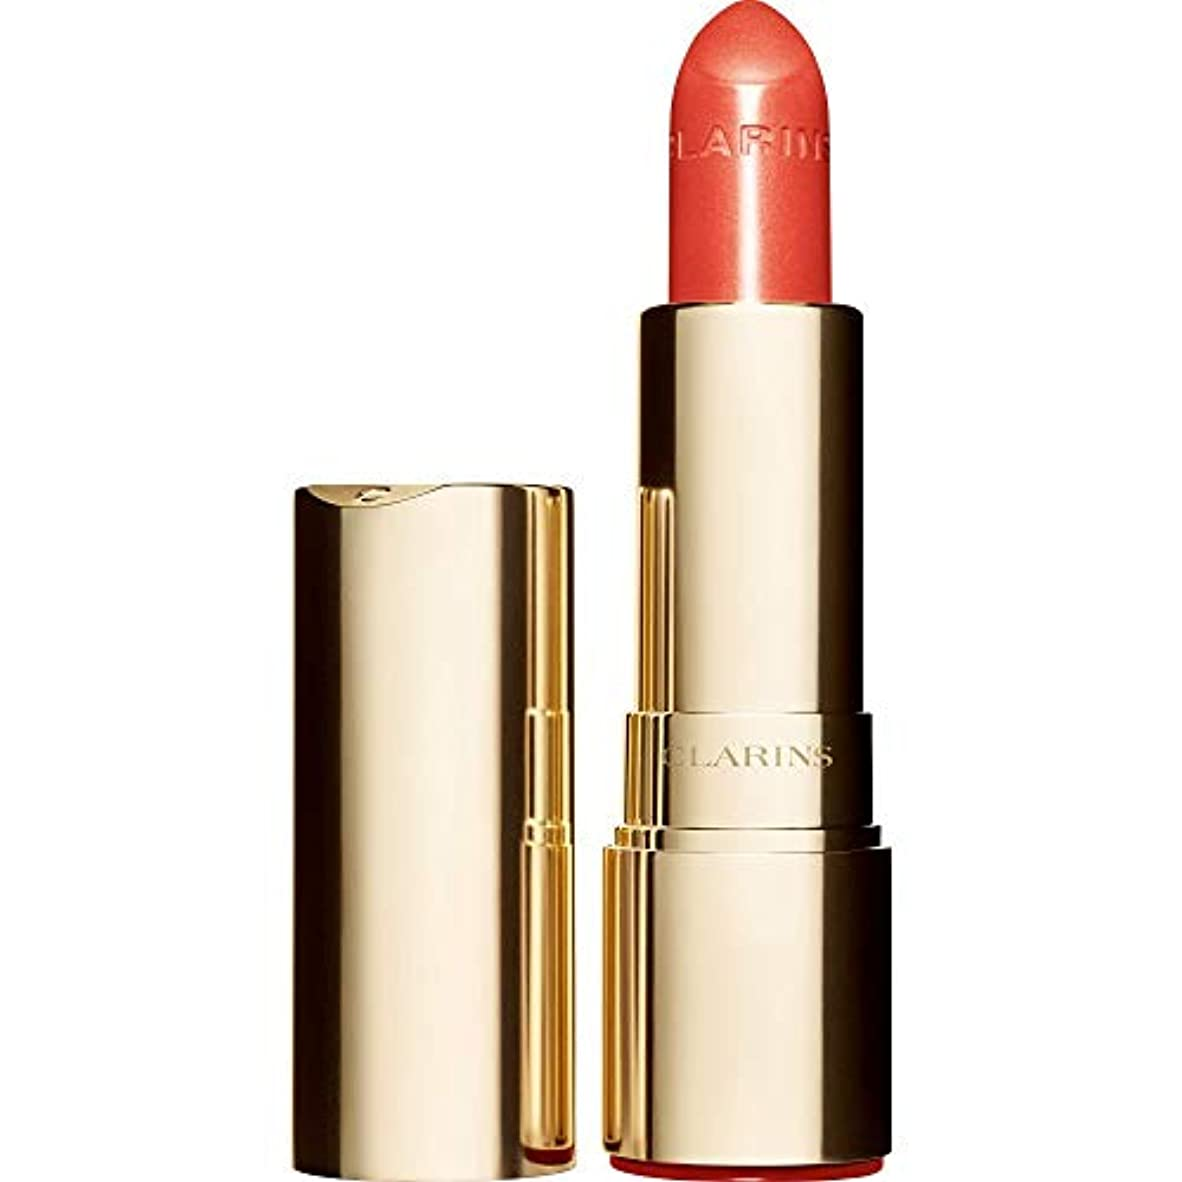 爆発物またはどちらか副産物[Clarins ] クラランスジョリルージュブリリアント口紅3.5グラムの711S - パパイヤ - Clarins Joli Rouge Brillant Lipstick 3.5g 711S - Papaya [並行輸入品]